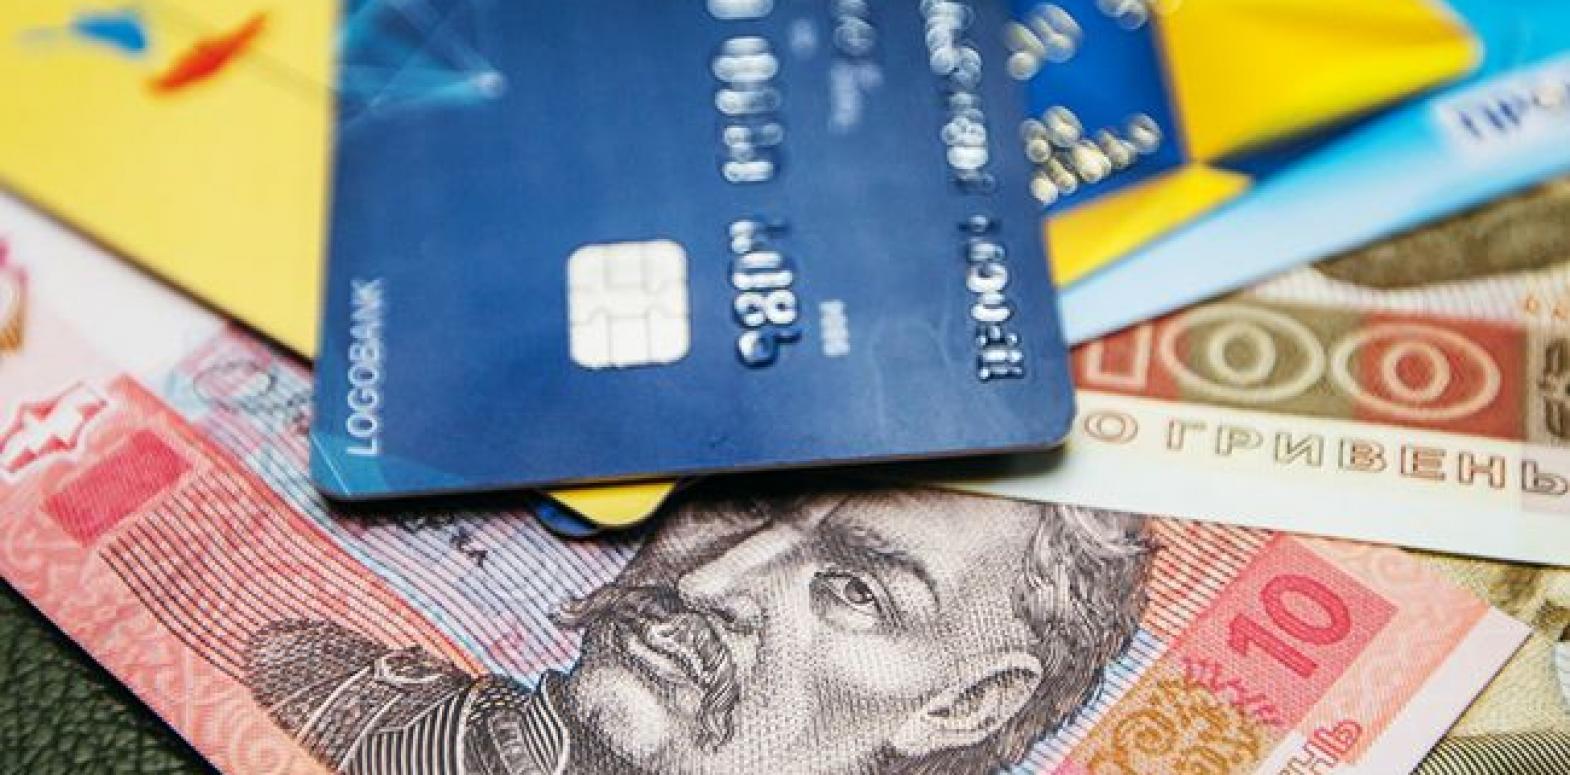 НБУ назвал количество платежных карт на каждого украинца